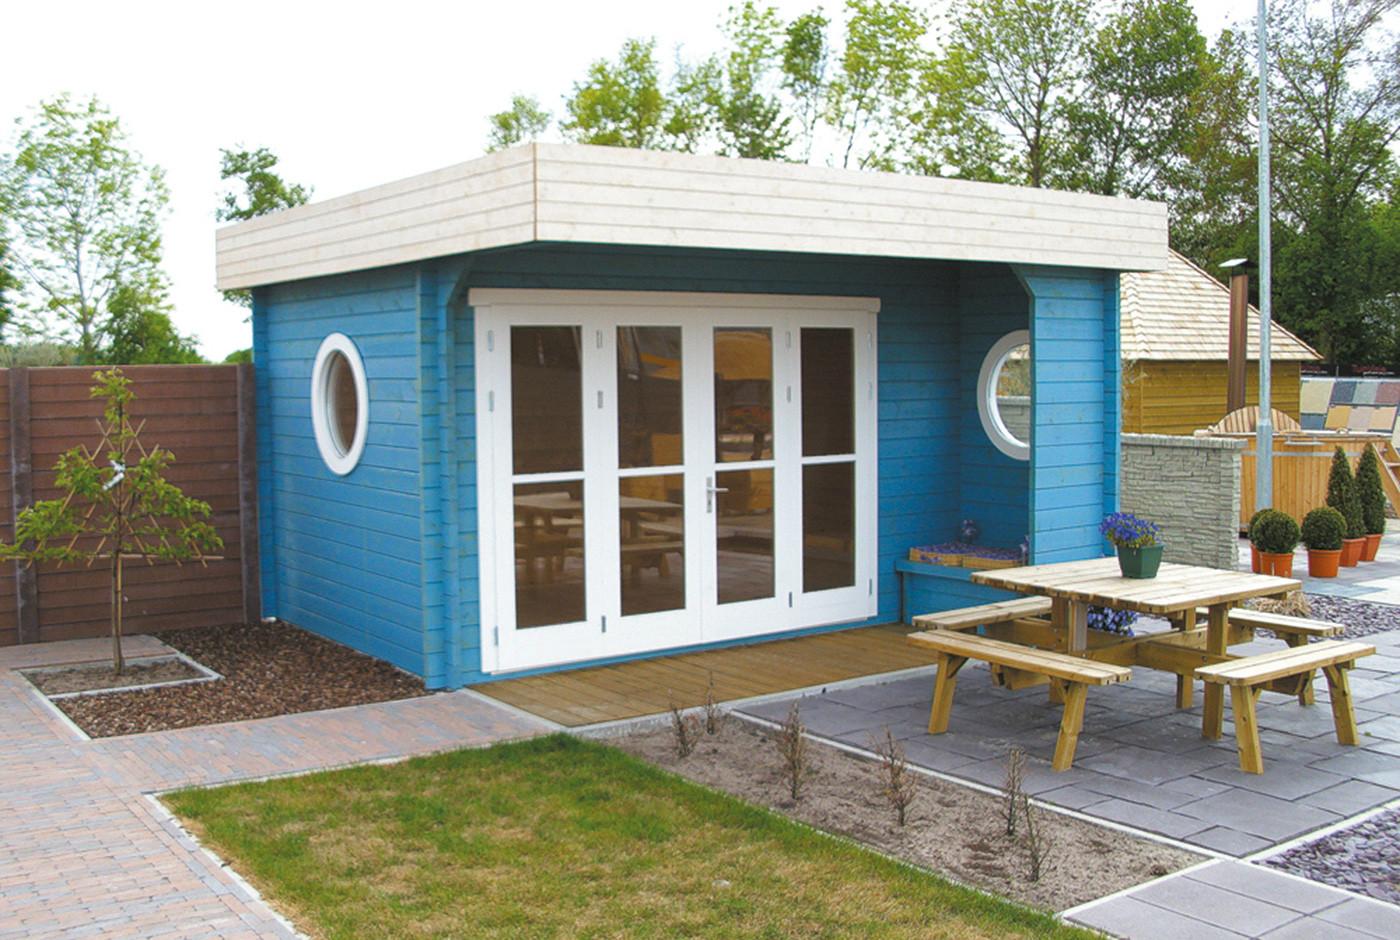 gartenhaus mit blauem anstrich frontal